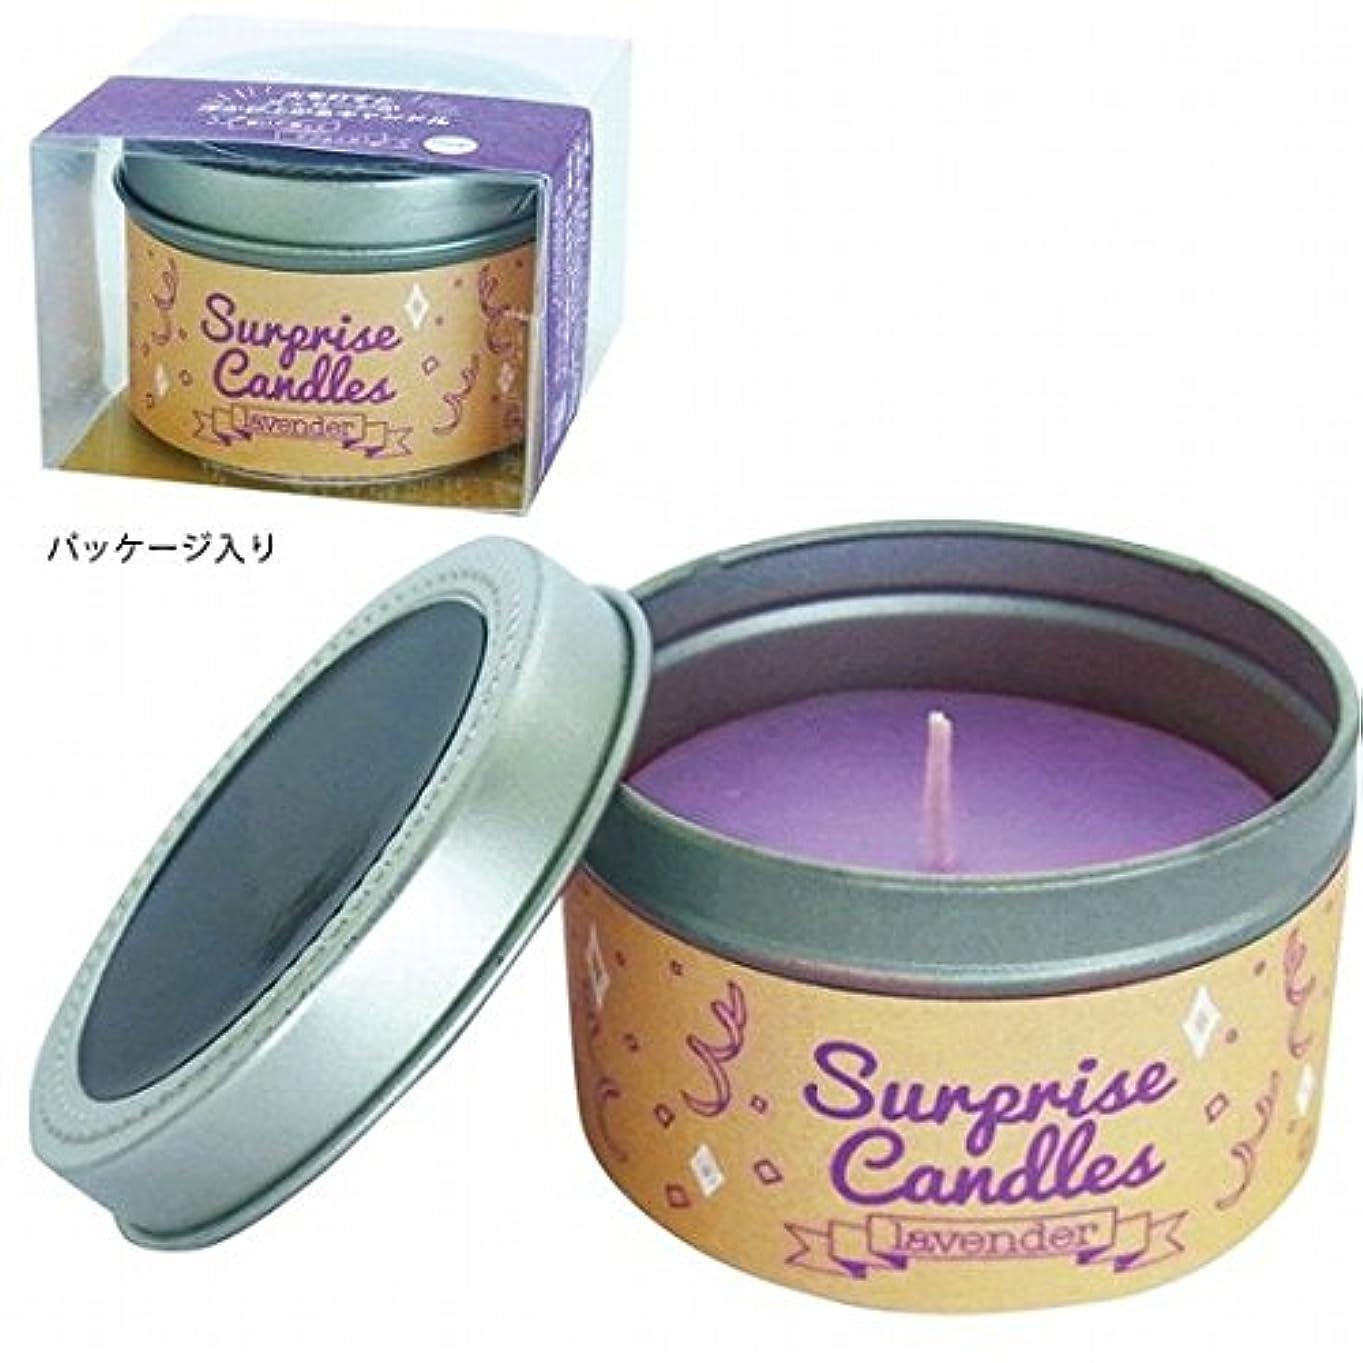 思い出させるコイル昆虫カメヤマキャンドル(kameyama candle) サプライズキャンドル 「ラベンダー」